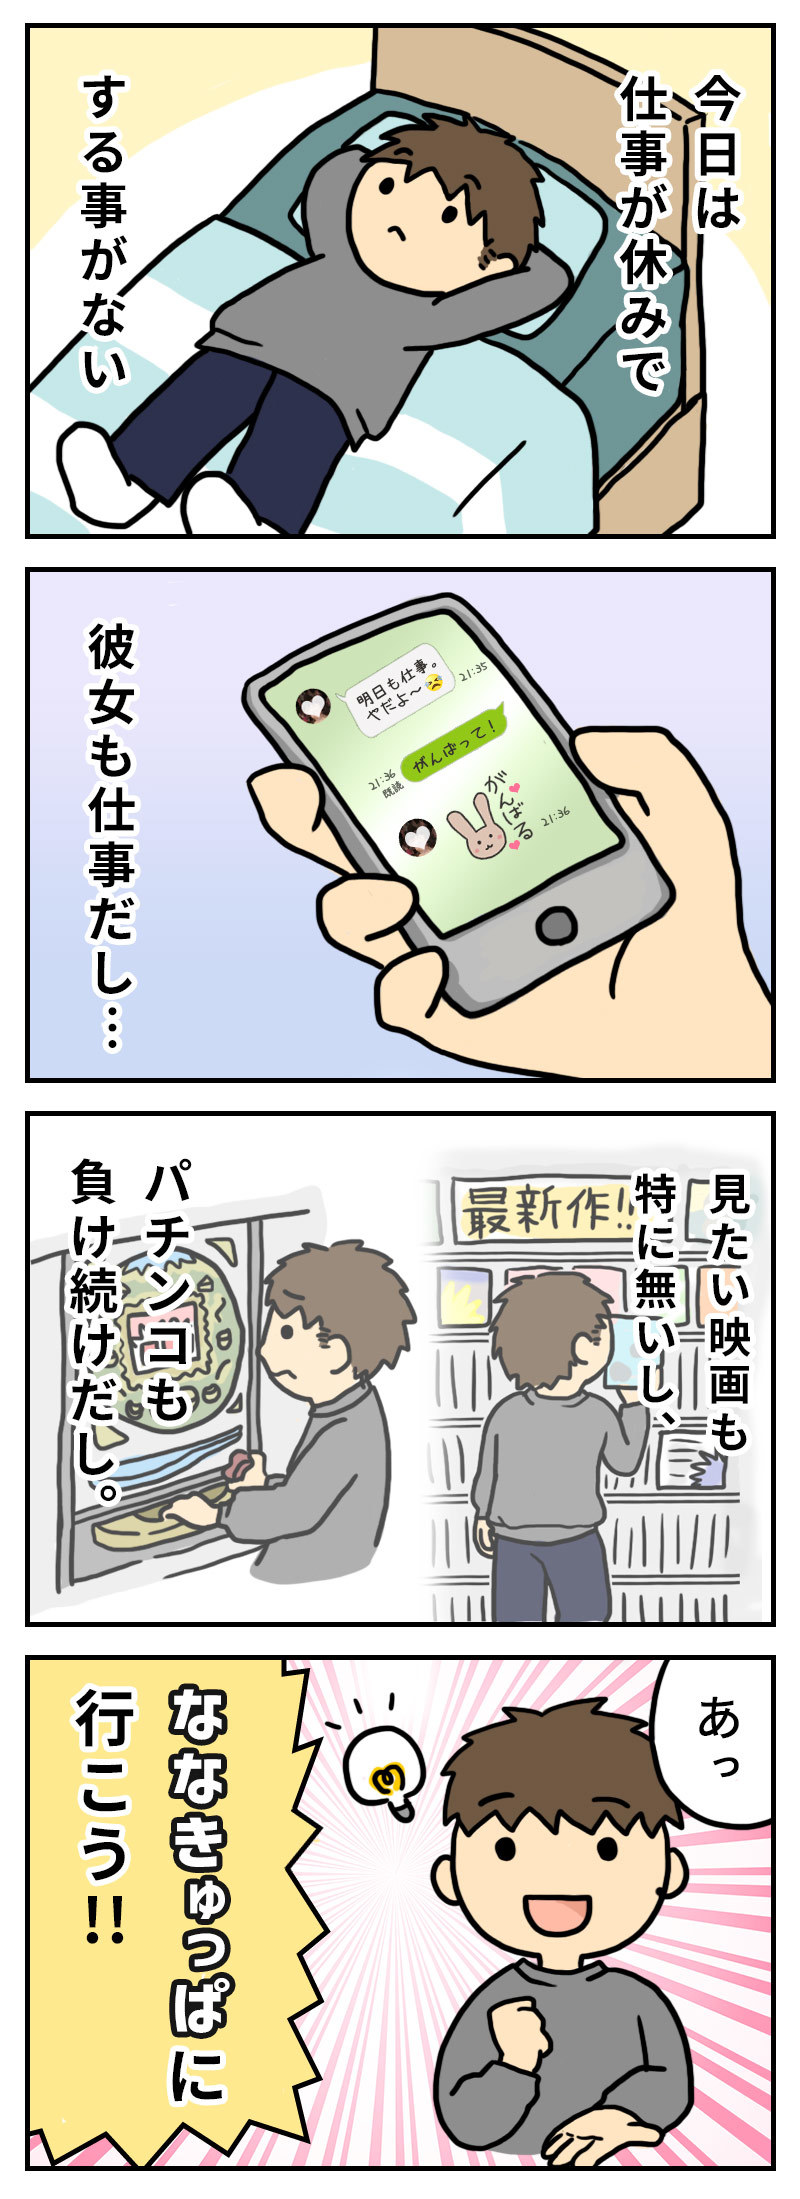 yonkoma001.jpg